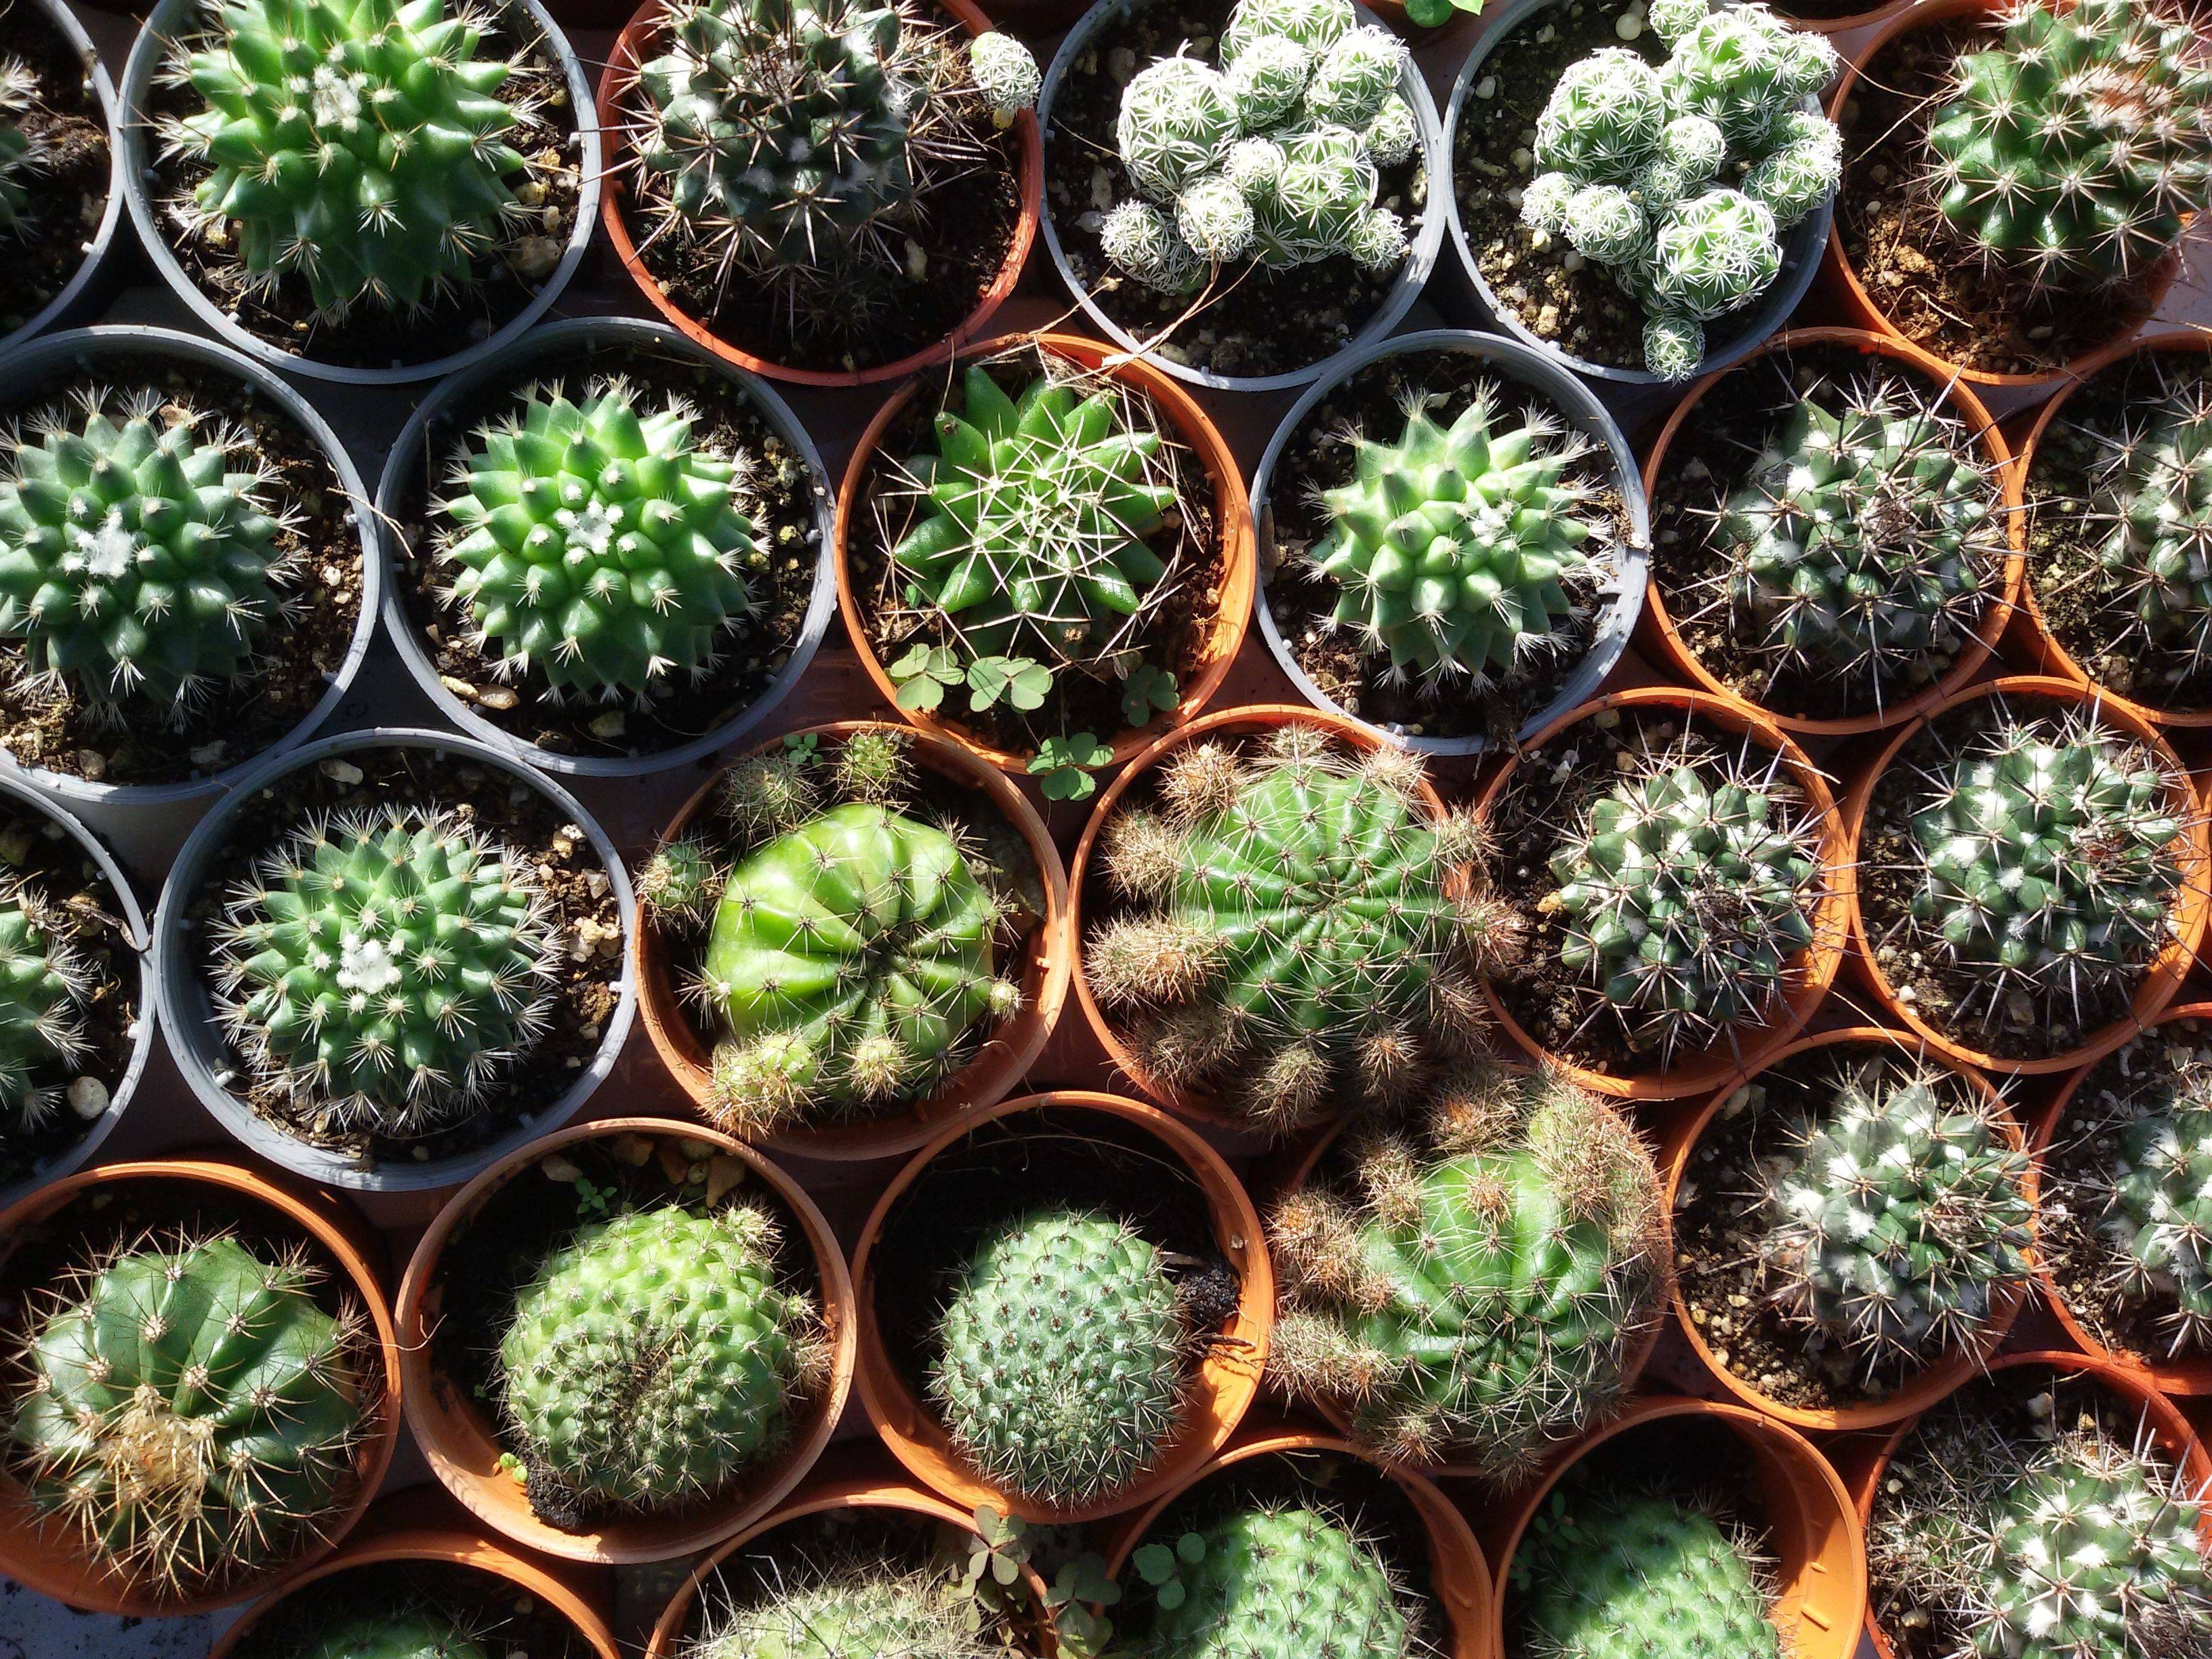 Нотокактус: название, описание, фото видов кактуса, уход в домашних условиях